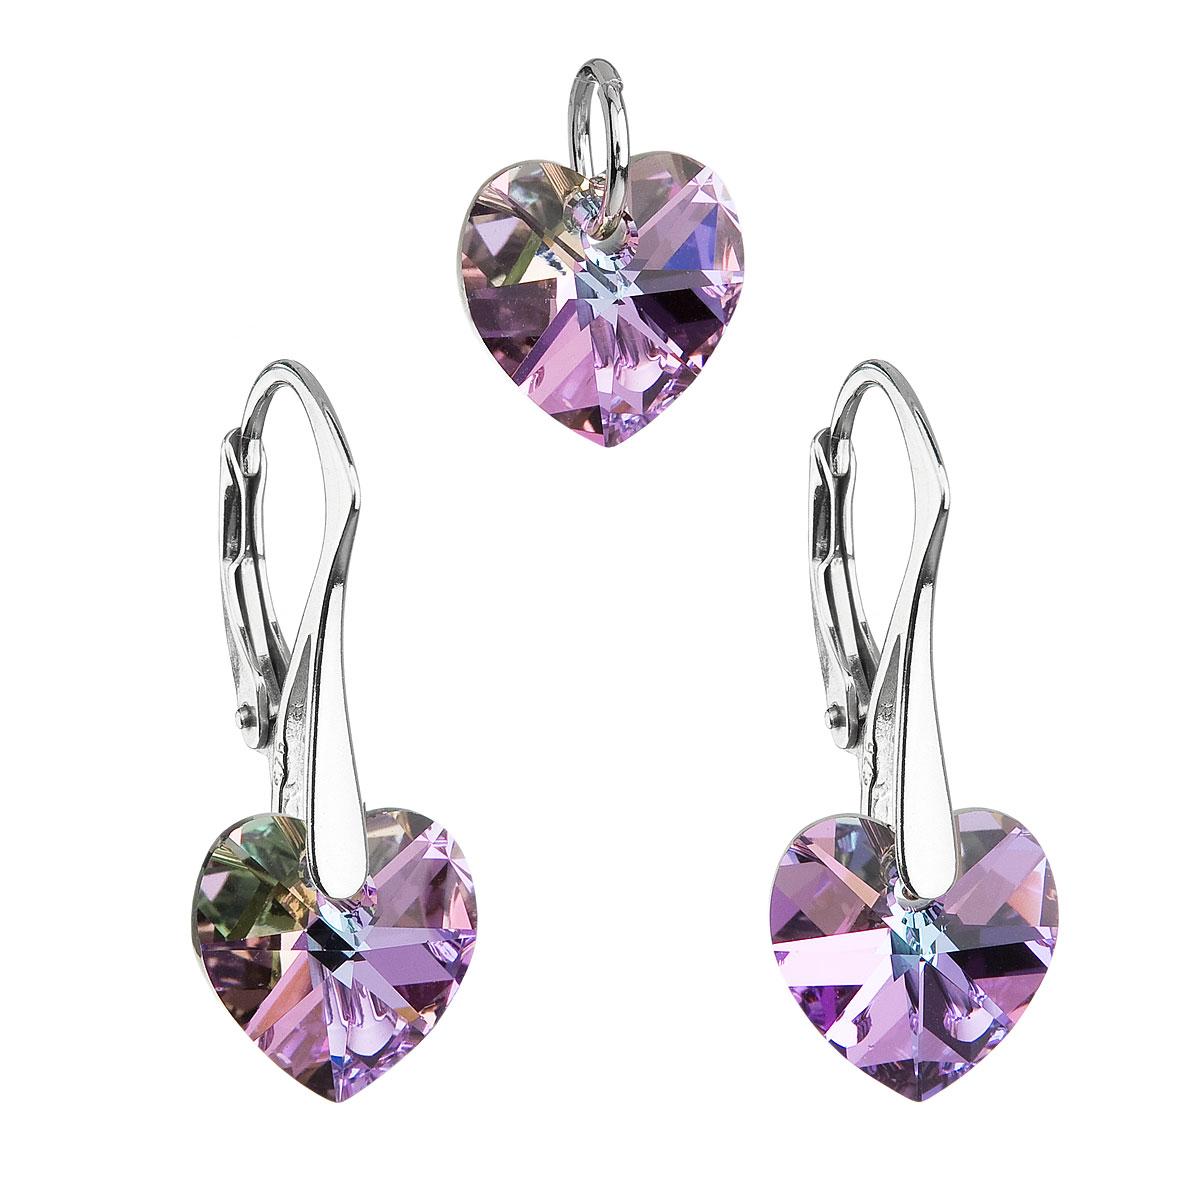 Sada šperkov s krištáľmi Swarovski náušnice a prívesok fialové srdcia 39003.5